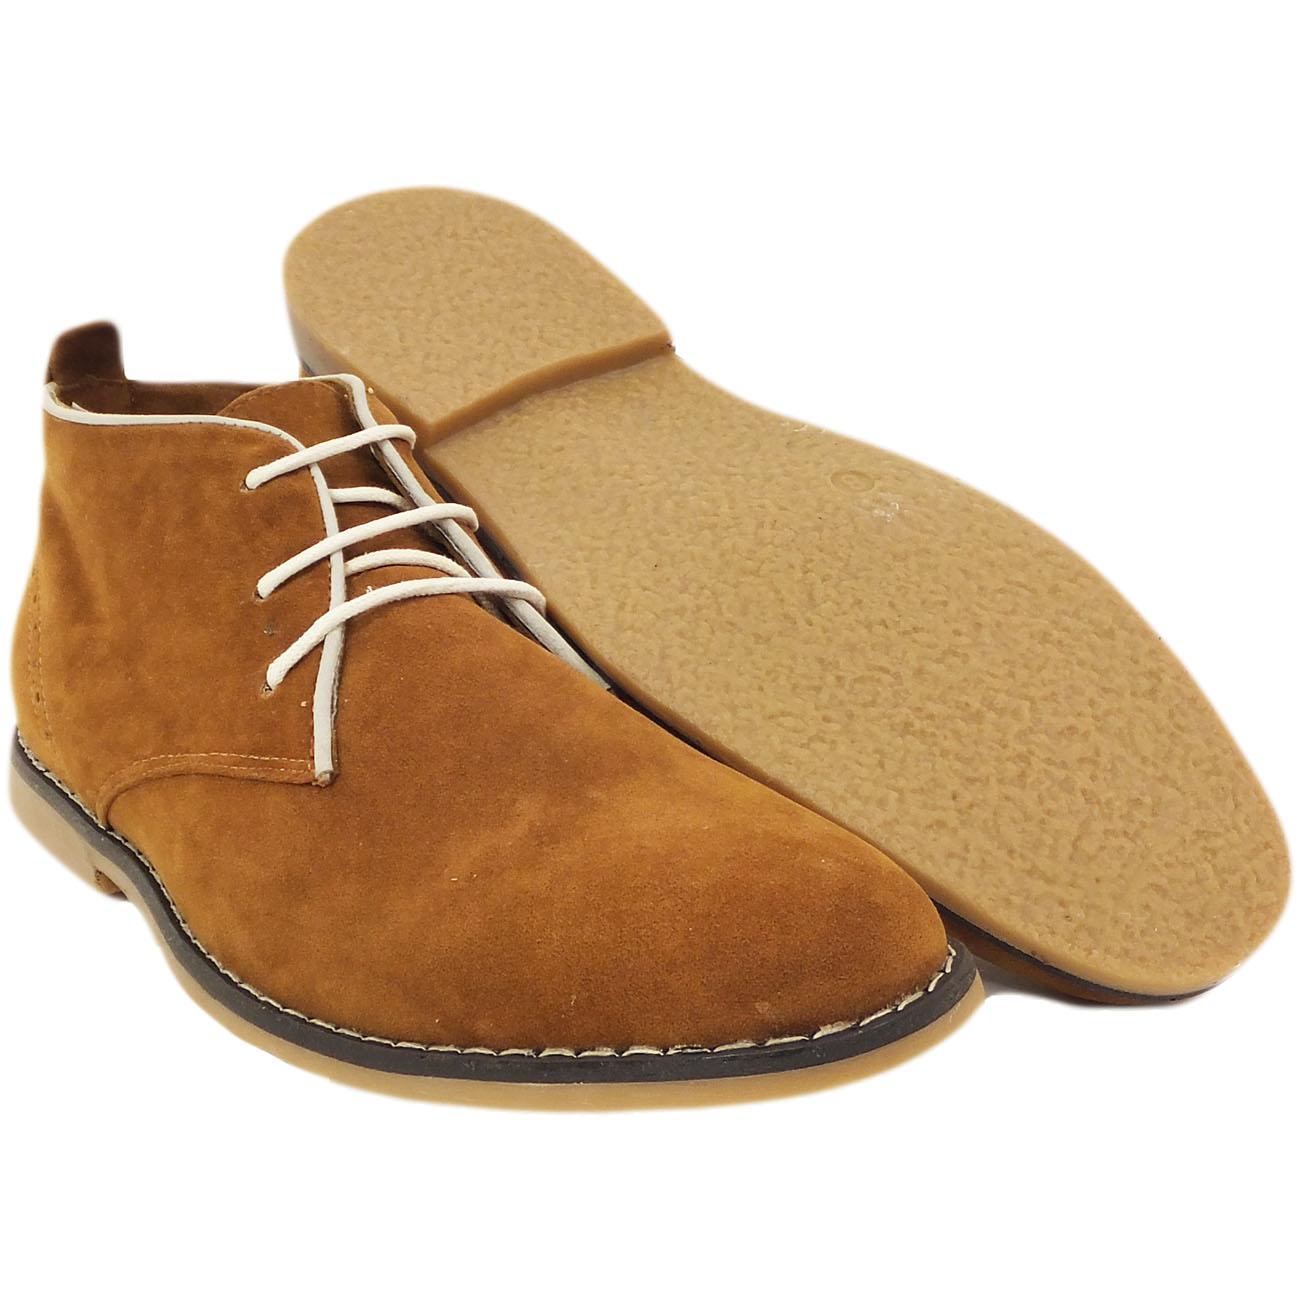 mens boots voeut desert boot lace up shoe ebay